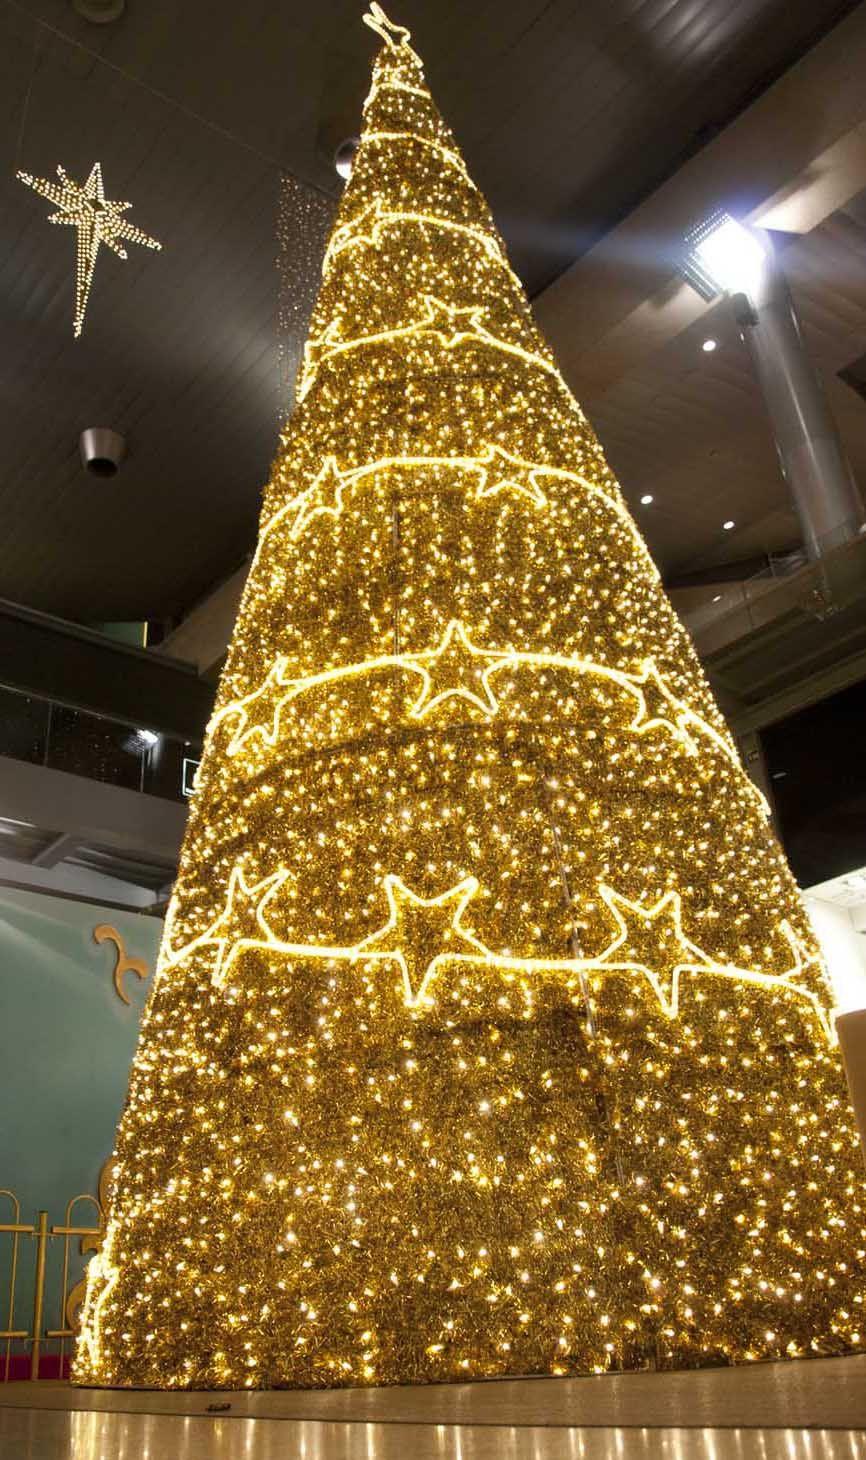 Decoraci n navidad centros comerciales fabregat una for Decoracion de navidad